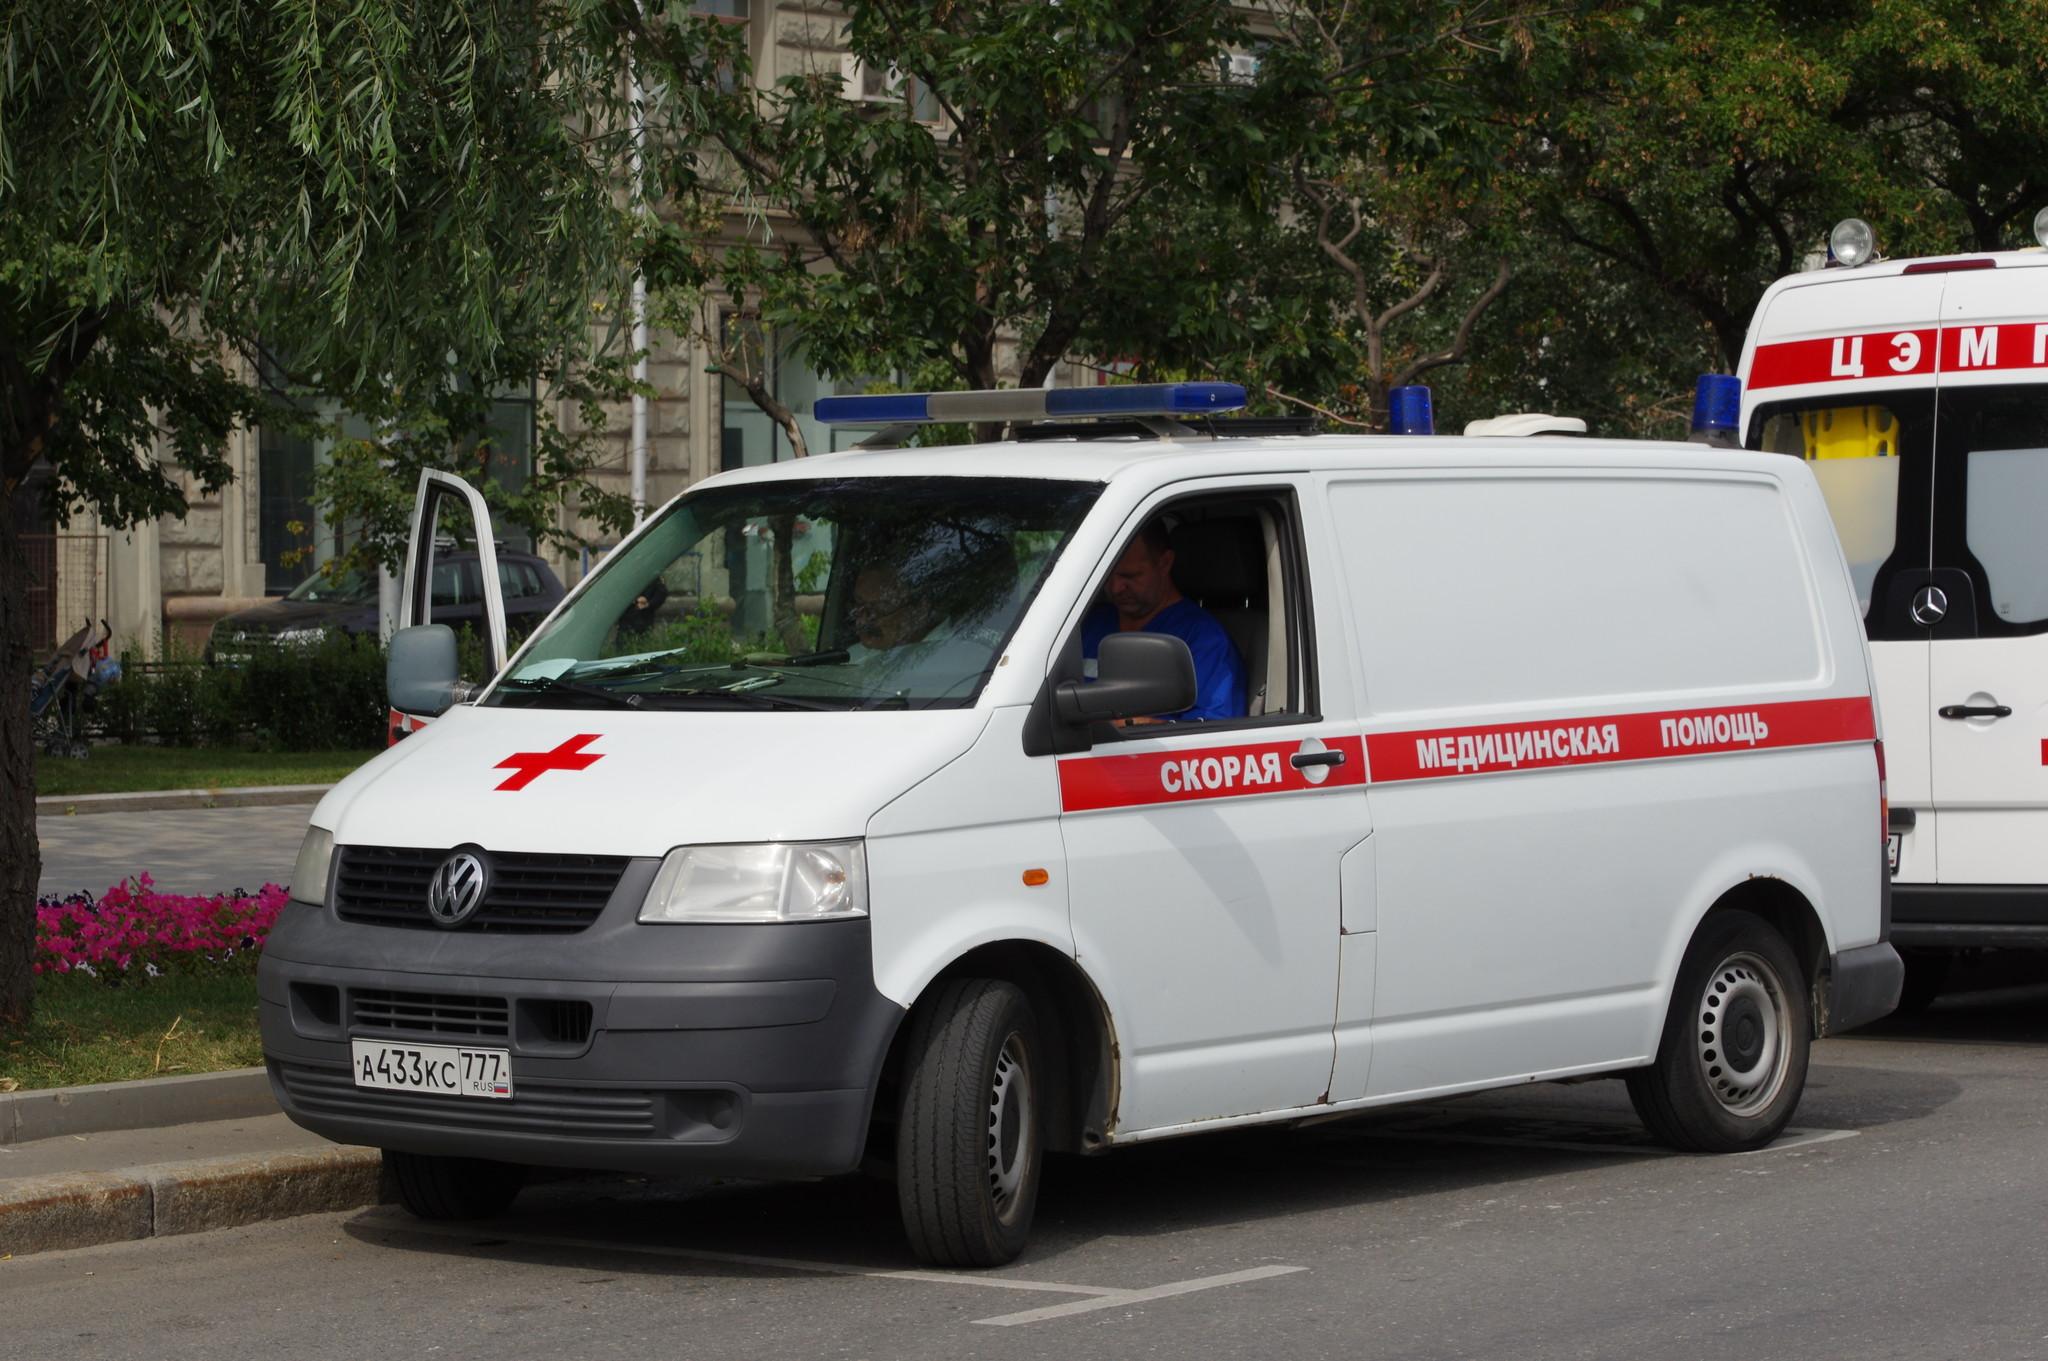 Автомобиль скорой медицинской помощи Фрунзенской набережной